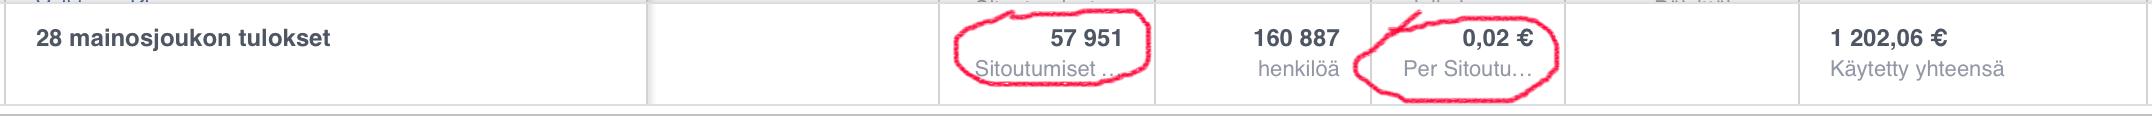 Facebook-mainonnan tuloksia, Fiercer Media Oy